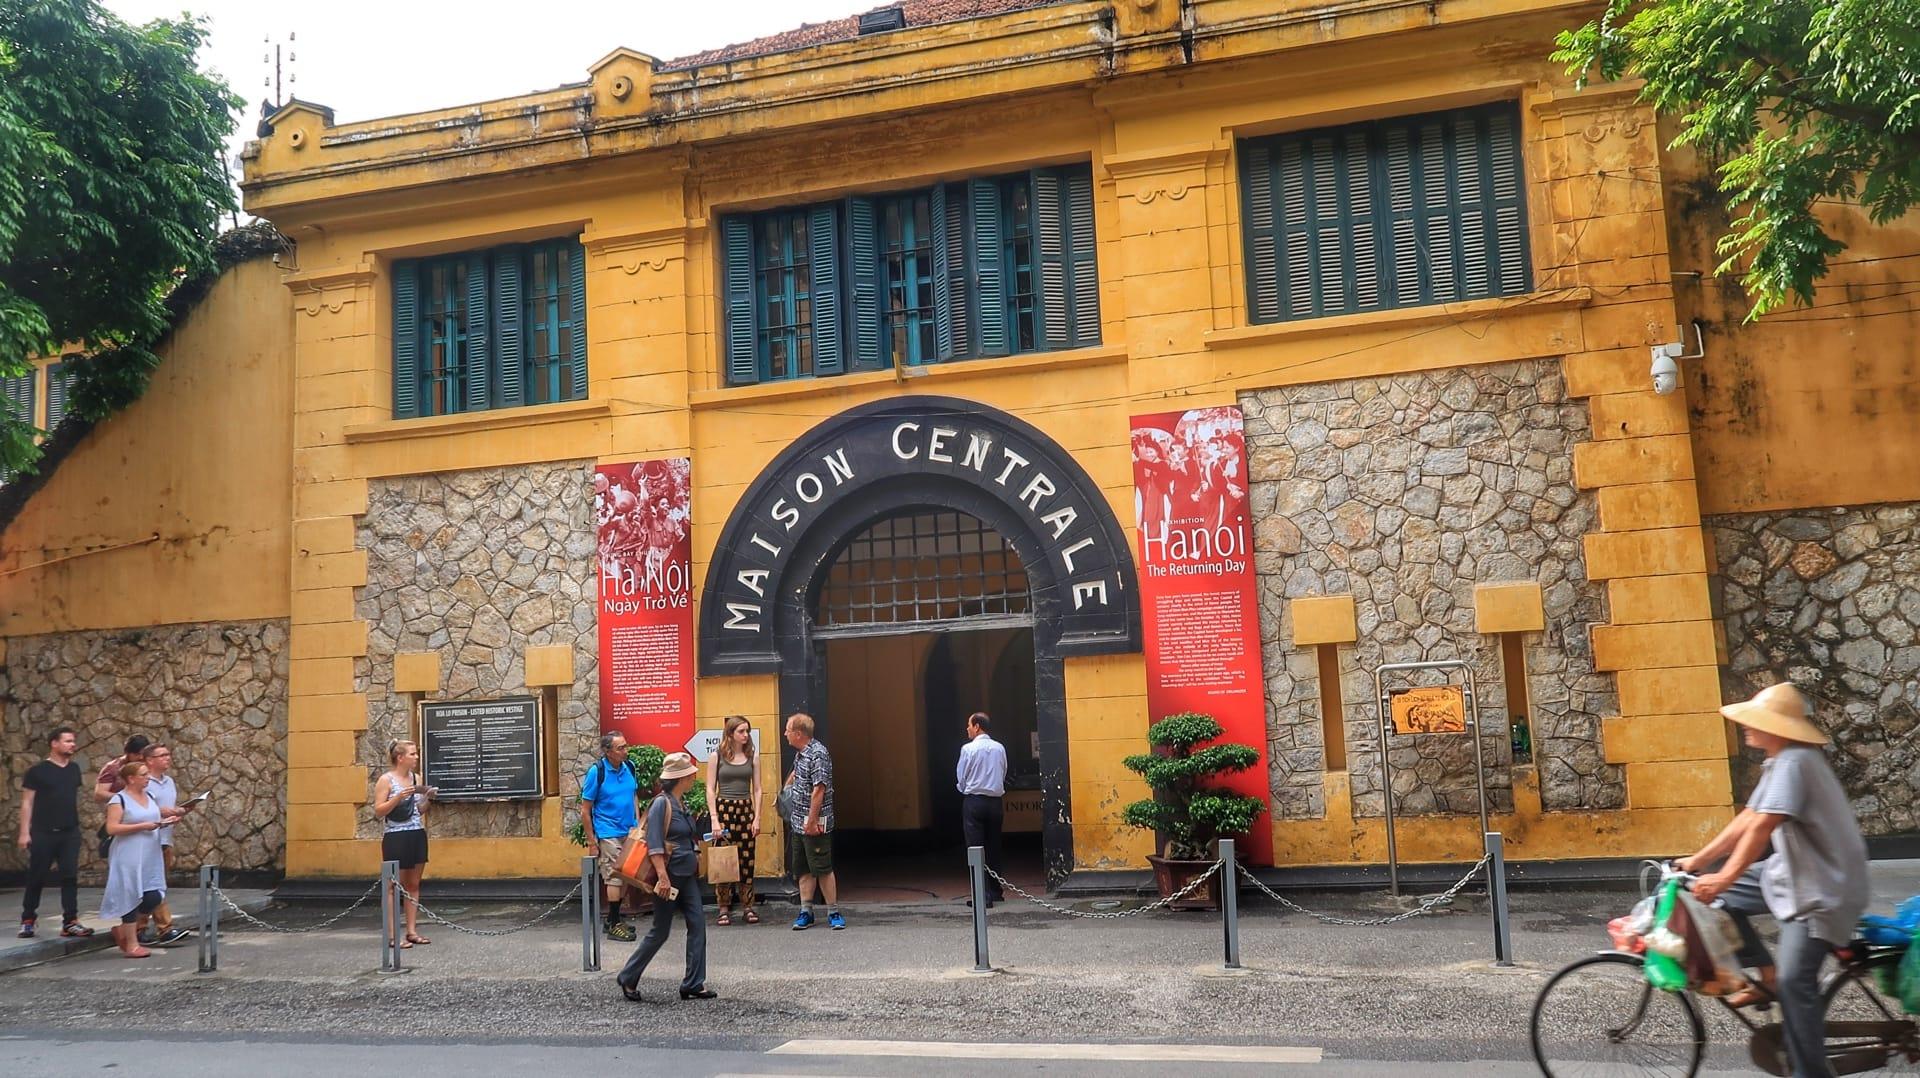 Hanoi fængsel - Maison Centrale - Hoa Lo